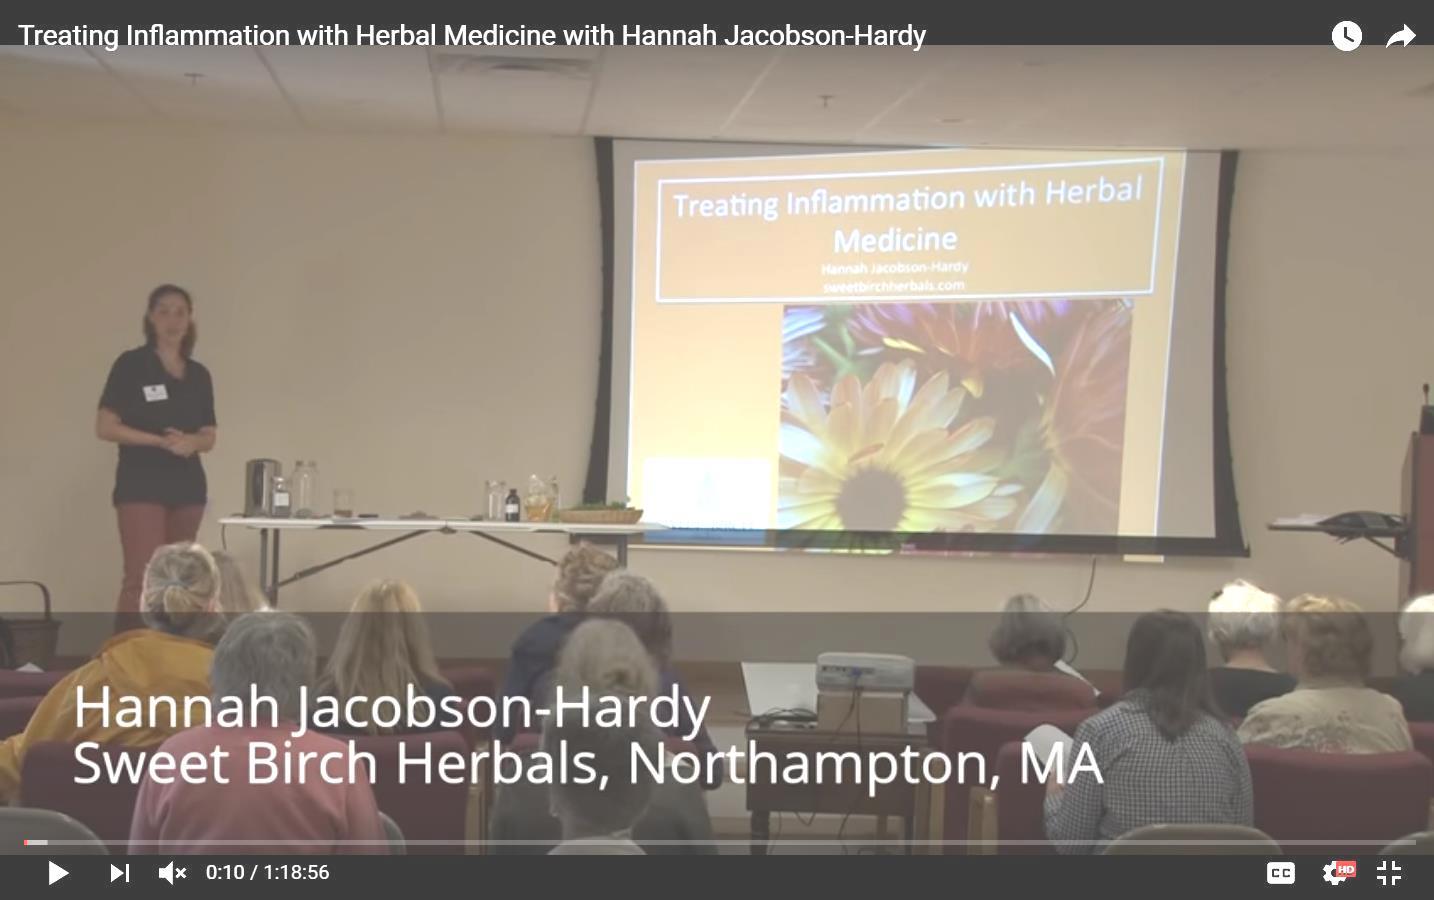 Hannah Jacobson Hardy